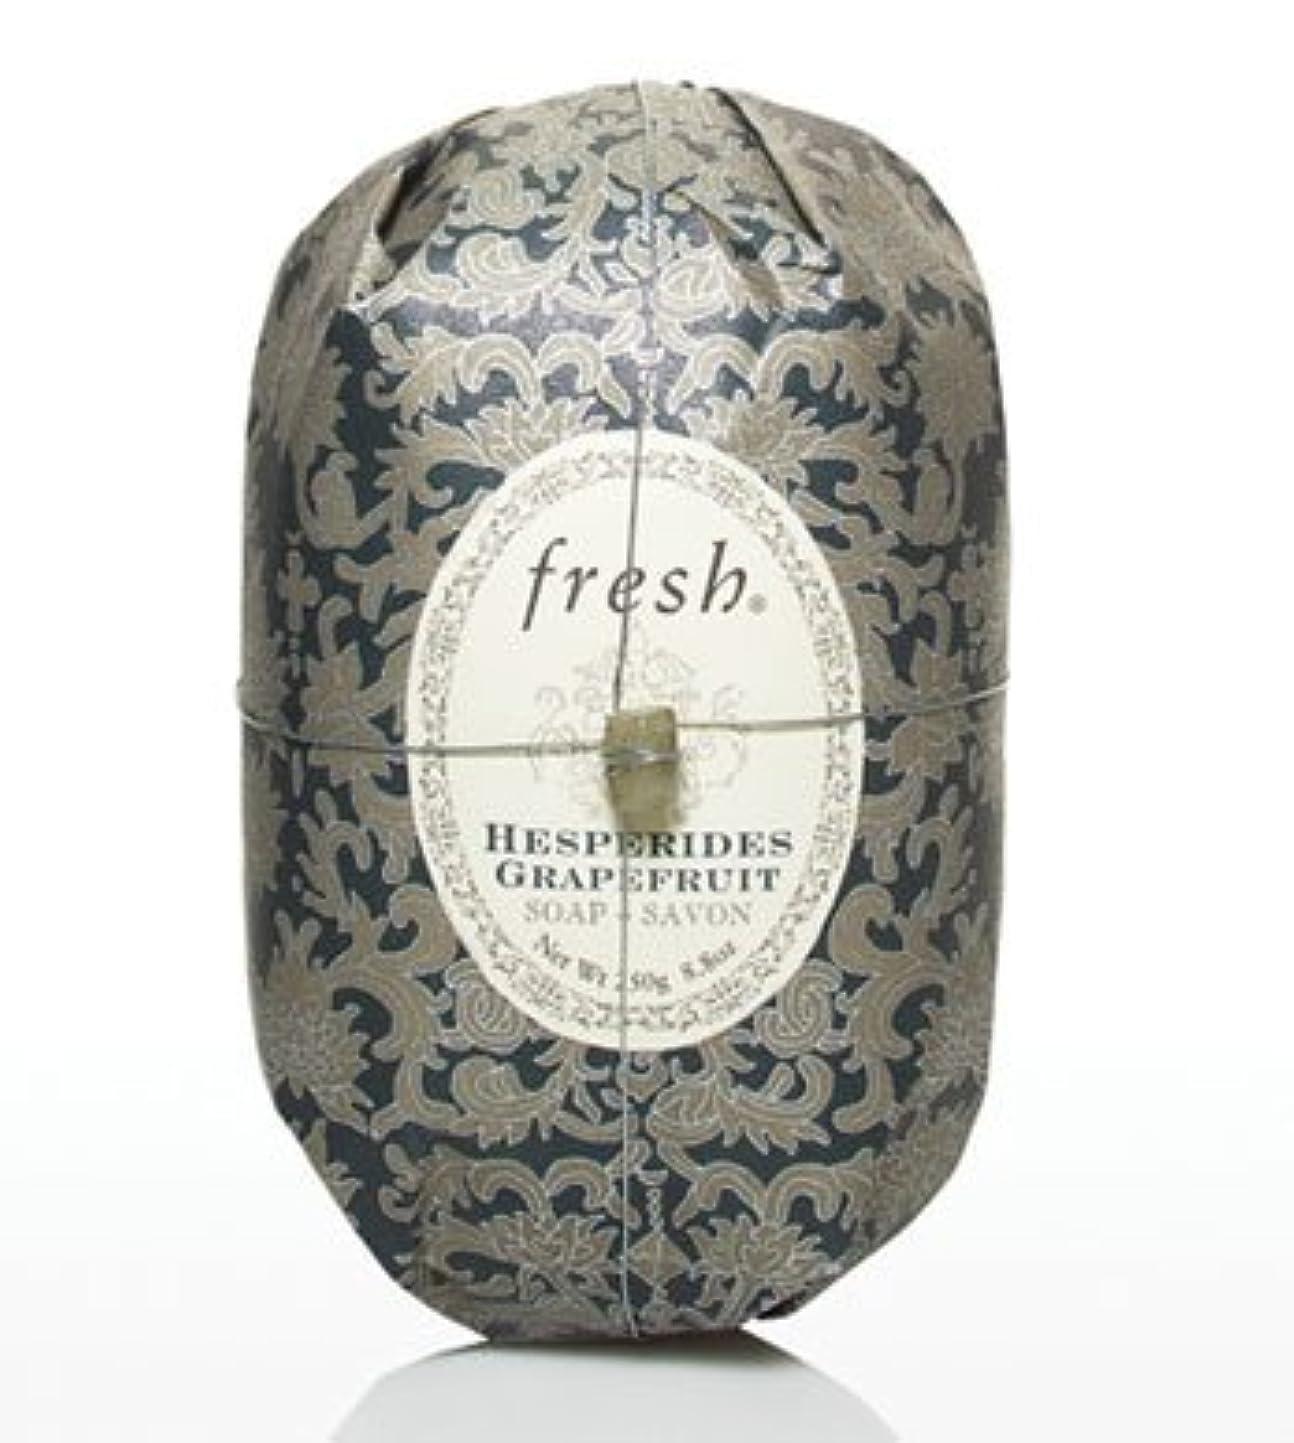 約意義平野Fresh HESPERIDES GRAPEFRUIT SOAP (フレッシュ ヘスペリデス グレープフルーツ ソープ) 8.8 oz (250g) Soap (石鹸) by Fresh